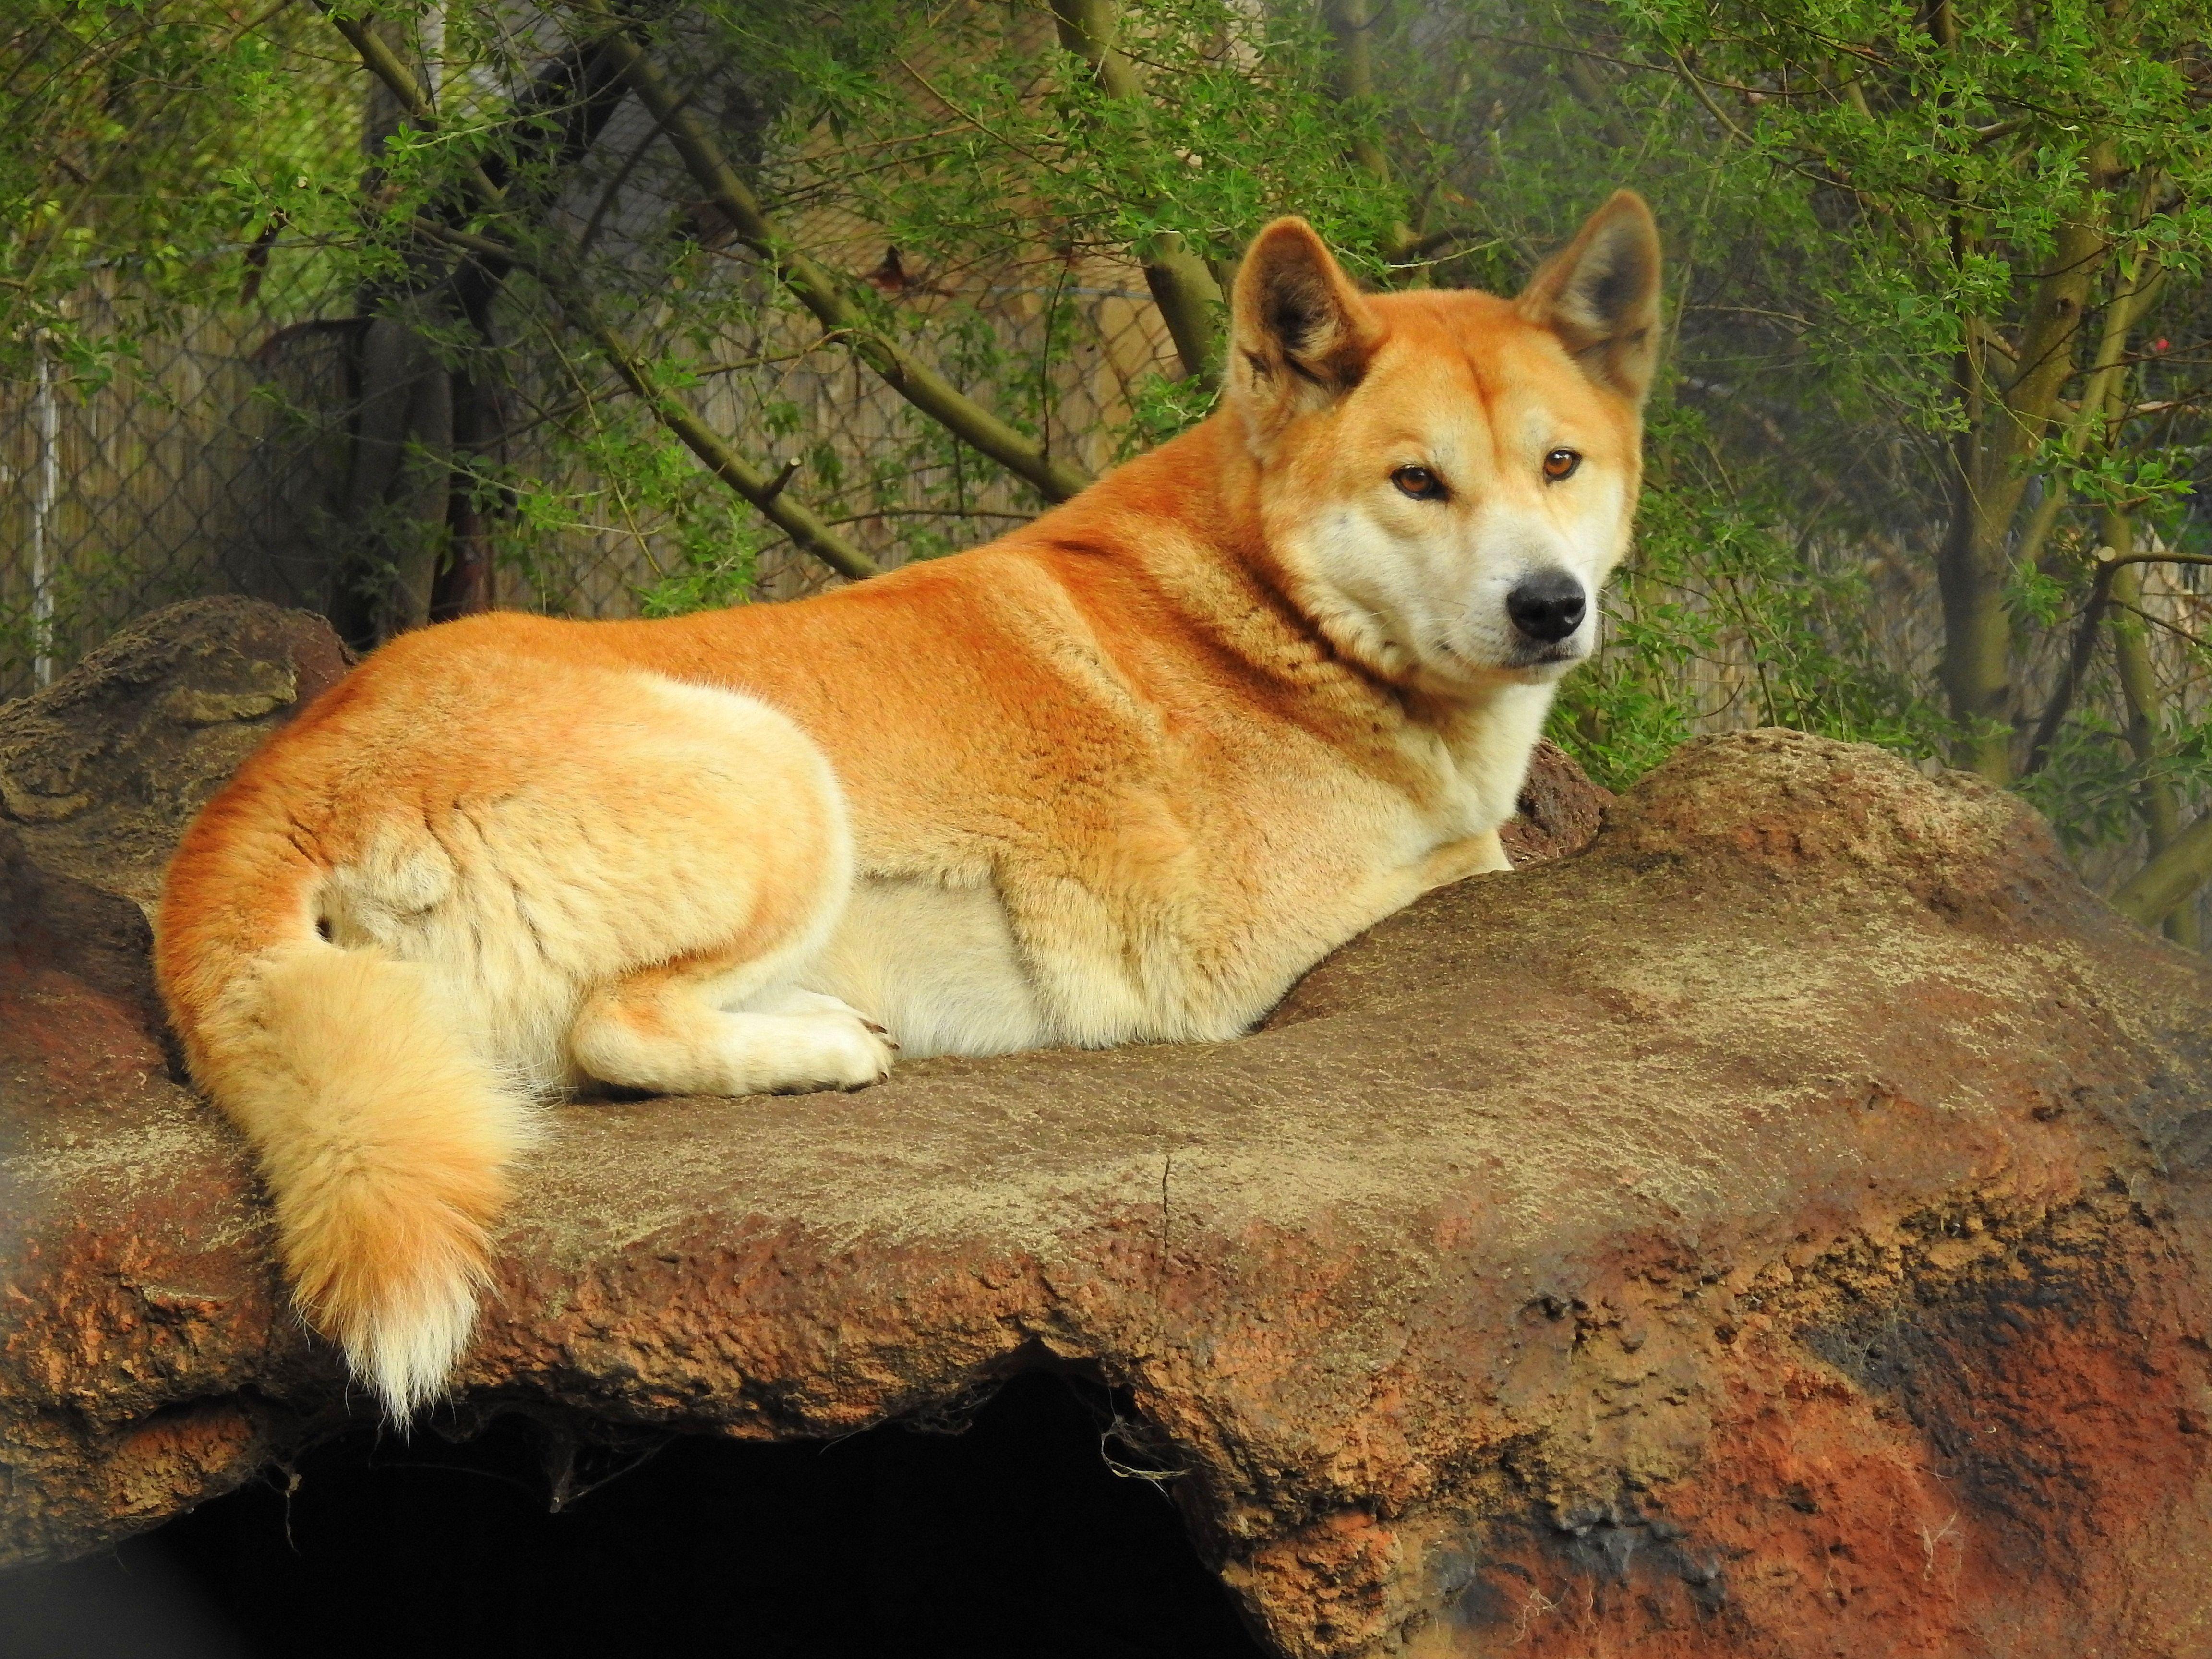 Australian Dingo at the Armadale Wildlife & Reptile Park